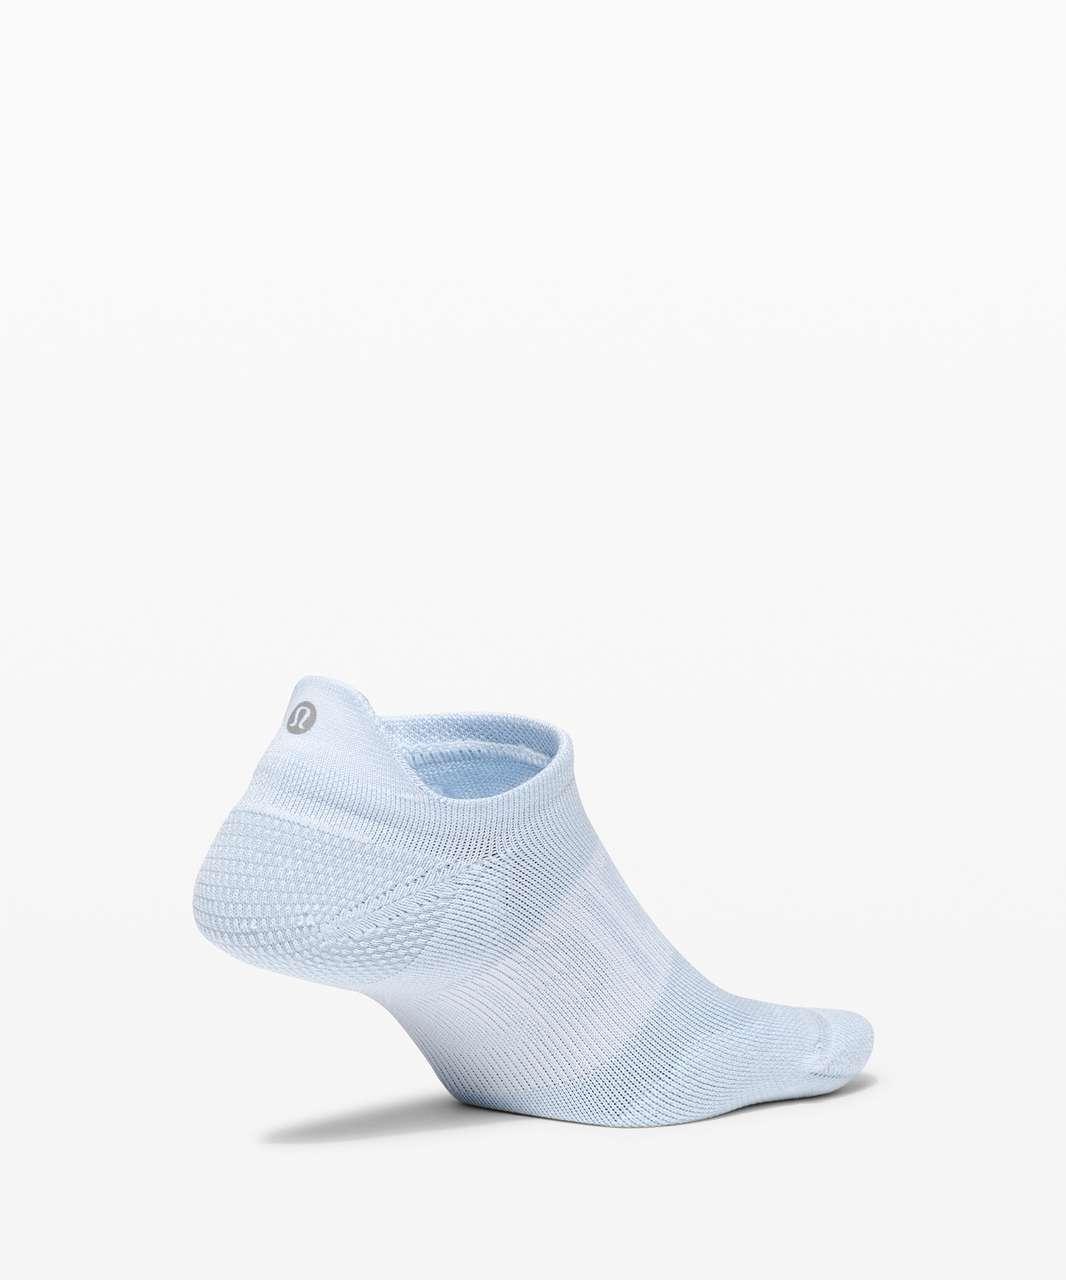 Lululemon Power Stride Tab Sock - Blue Linen